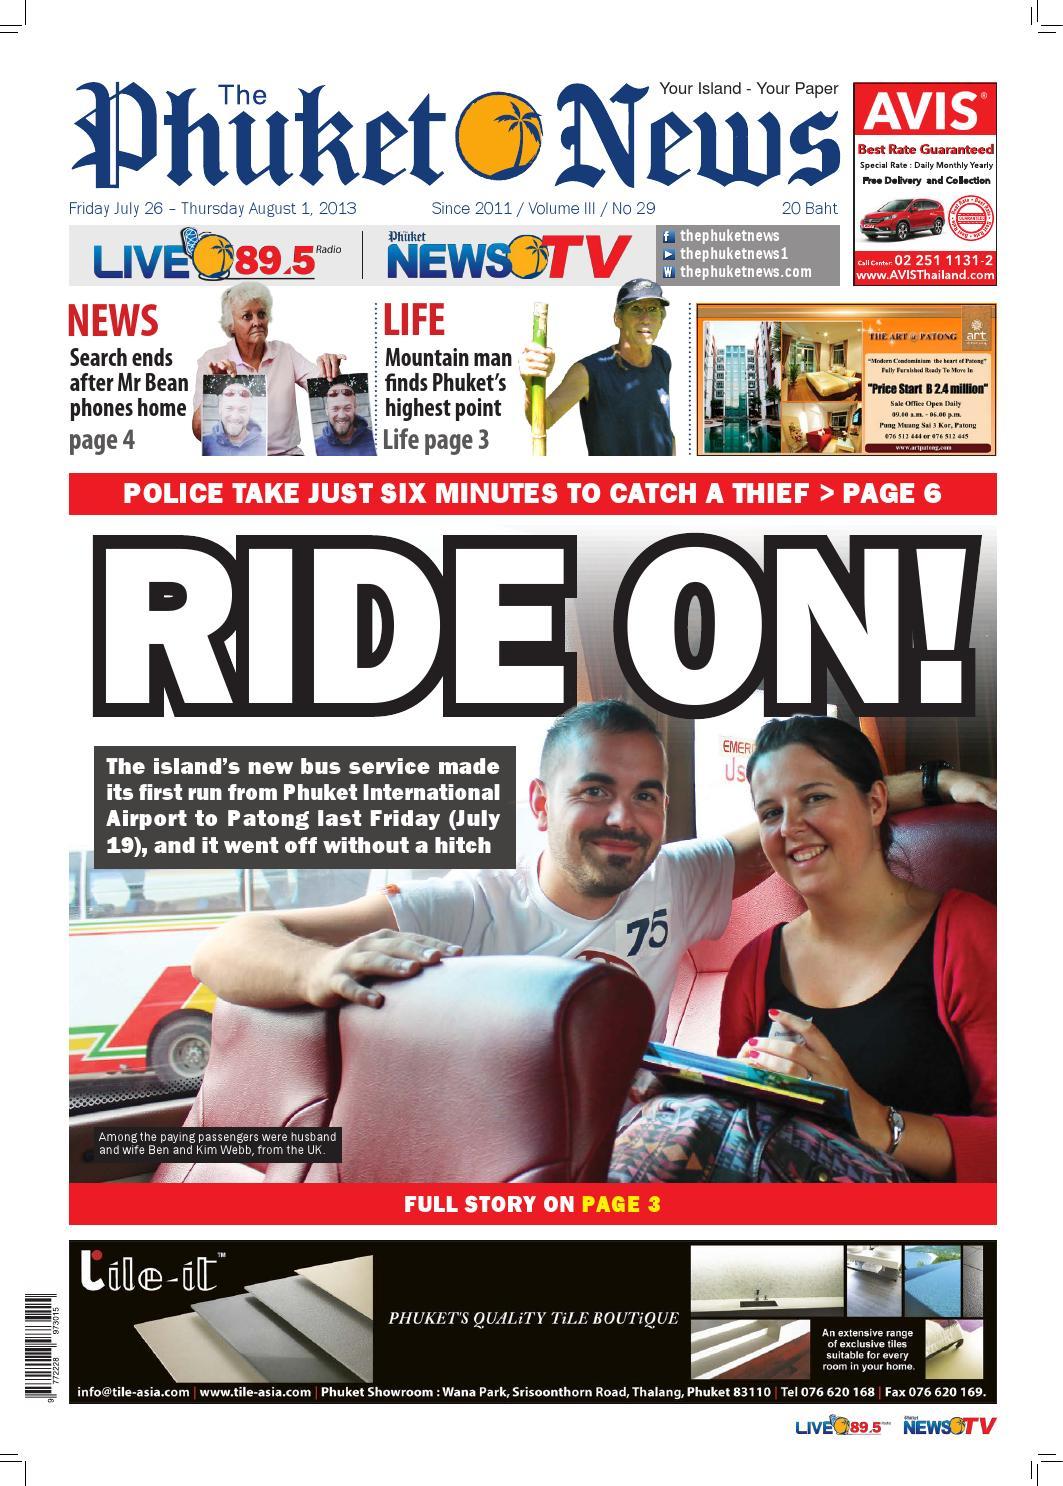 26-07-2013 by The Phuket News - issuu